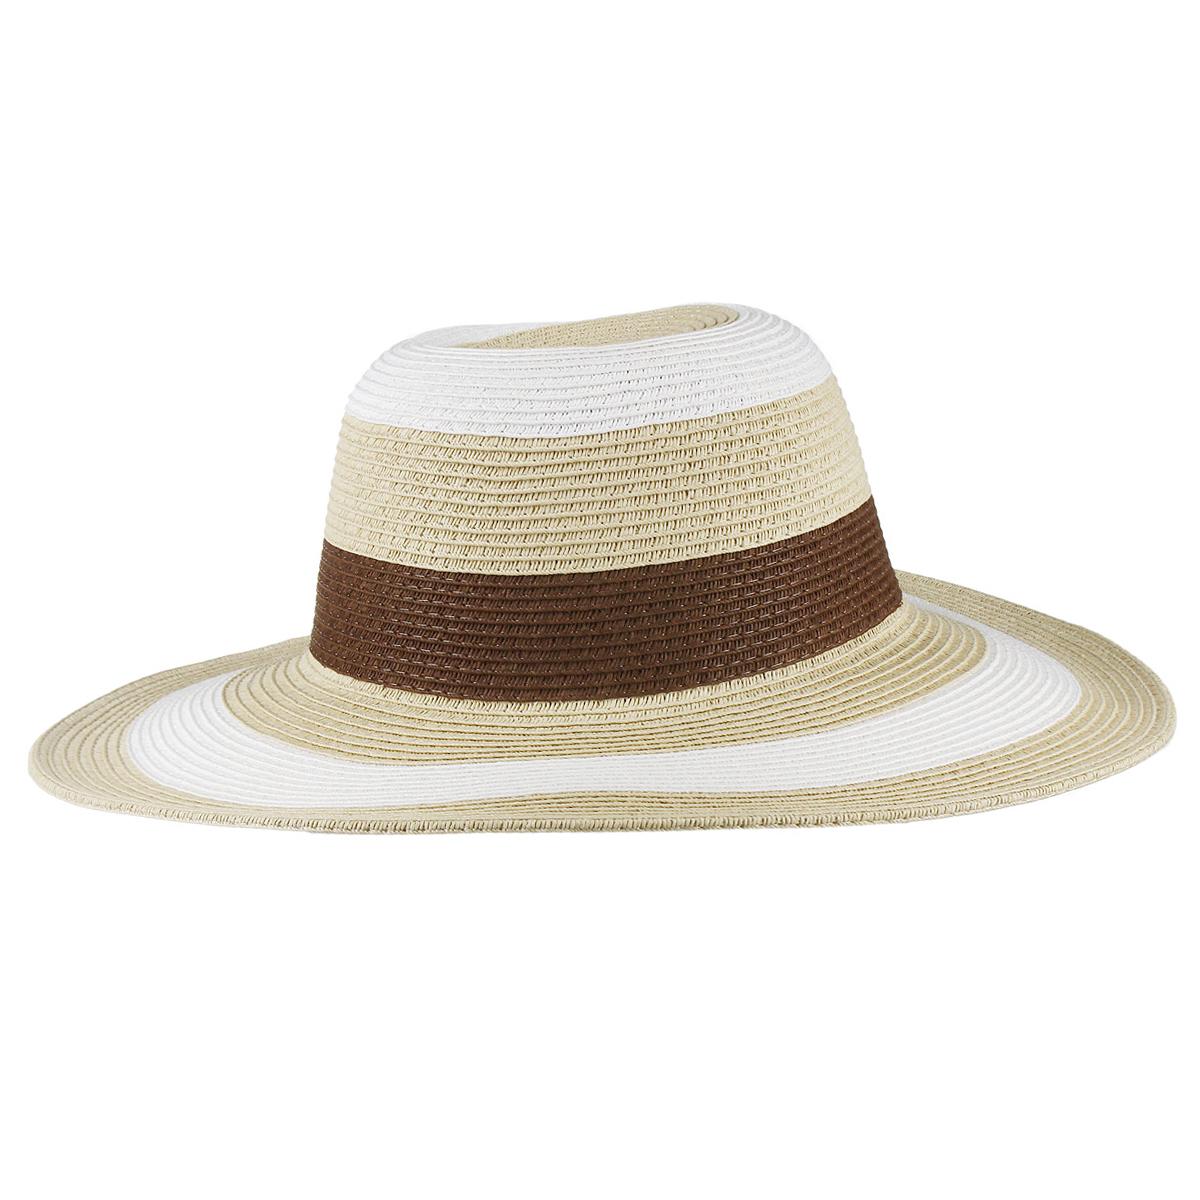 1966080Летняя женская шляпа Canoe Bahamian, выполненная из искусственной соломы и прочного полиэстера, станет незаменимым аксессуаром для пляжа и отдыха на природе. Широкие поля шляпы обеспечат надежную защиту от солнечных лучей. Плетение шляпы обеспечивает необходимую вентиляцию и комфорт даже в самый знойный день. Шляпа легко восстанавливает свою форму после сжатия. Стильная шляпа с элегантными волнистыми полями подчеркнет вашу неповторимость и дополнит ваш повседневный образ.